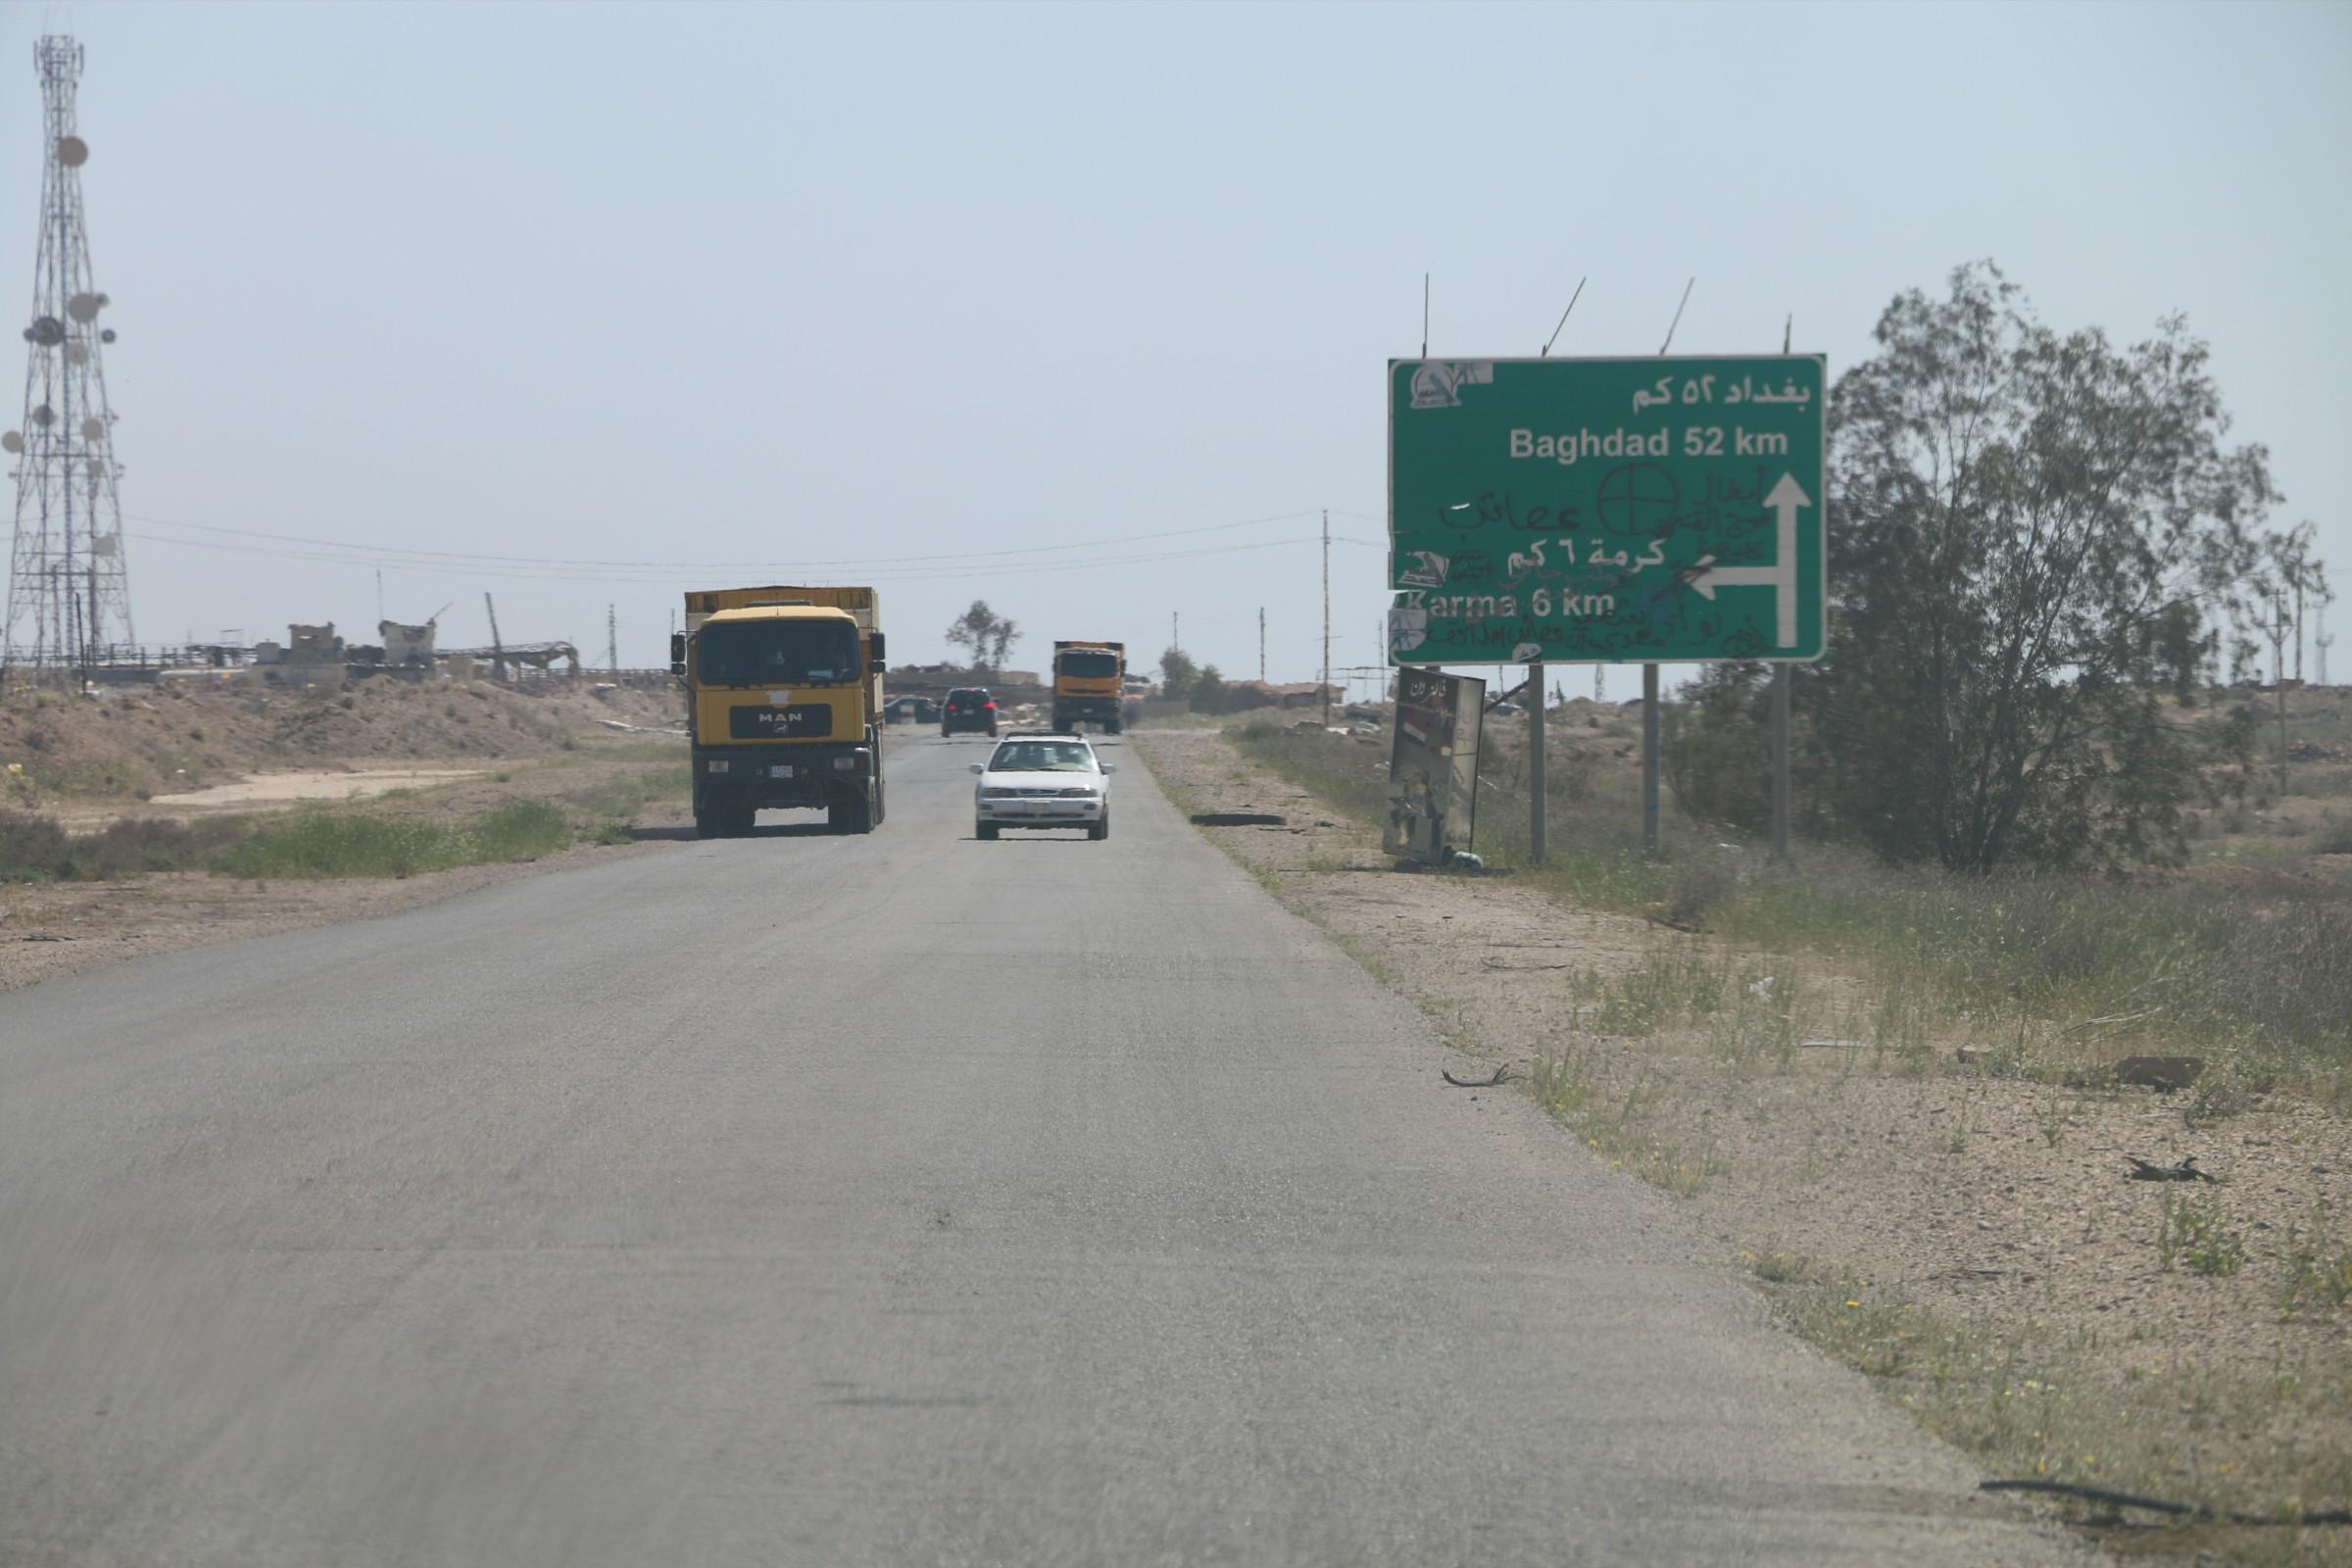 قائممقام الكرمة يناشد بتجهيز مناطق حزام بغداد بالمحولات الكهربائية